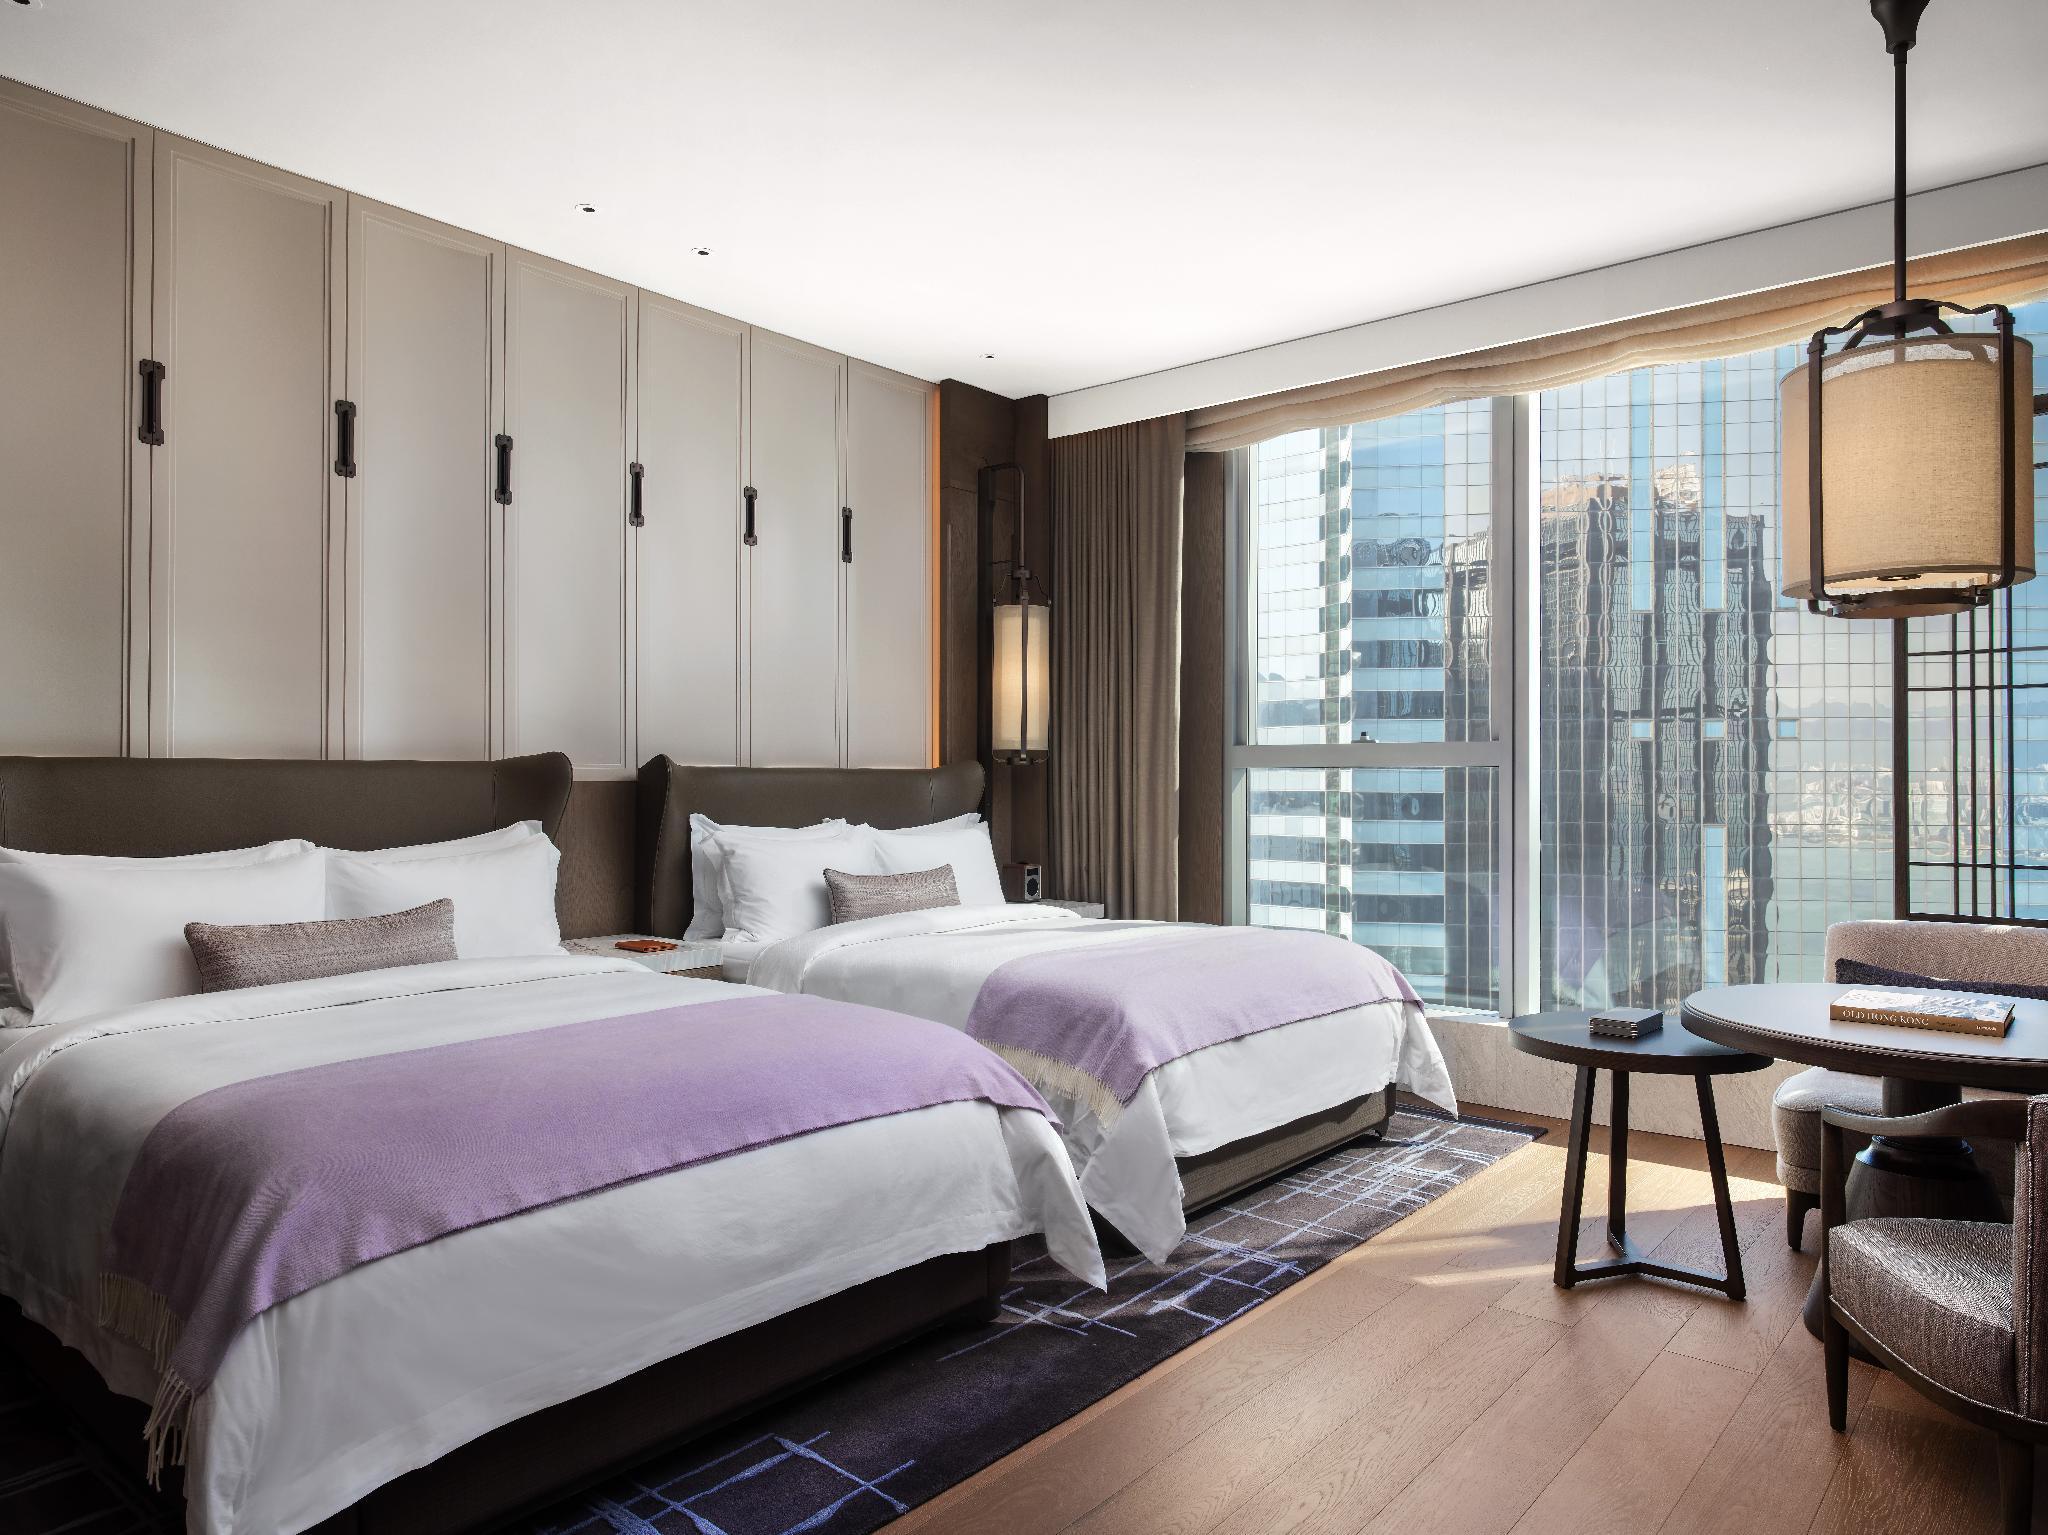 香港香港瑞吉酒店(The St. Regis Hong Kong) - Agoda 提供行程前一刻網上即時優惠價格訂房服務